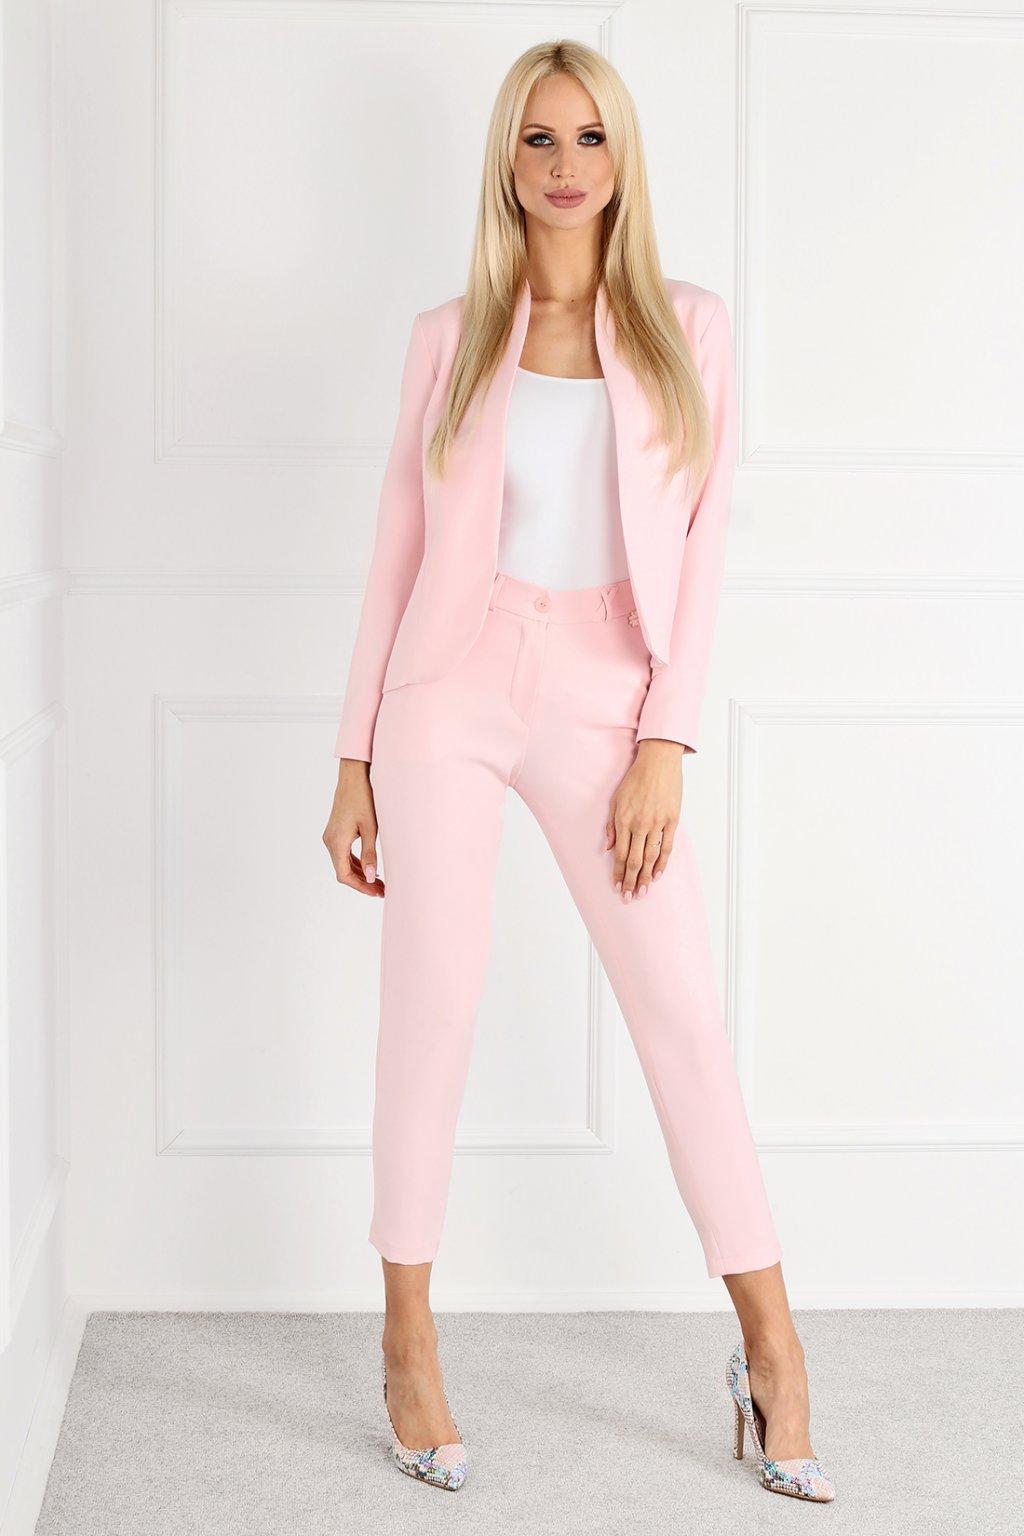 Dámský kalhotový kostým Lykke C77 růžový